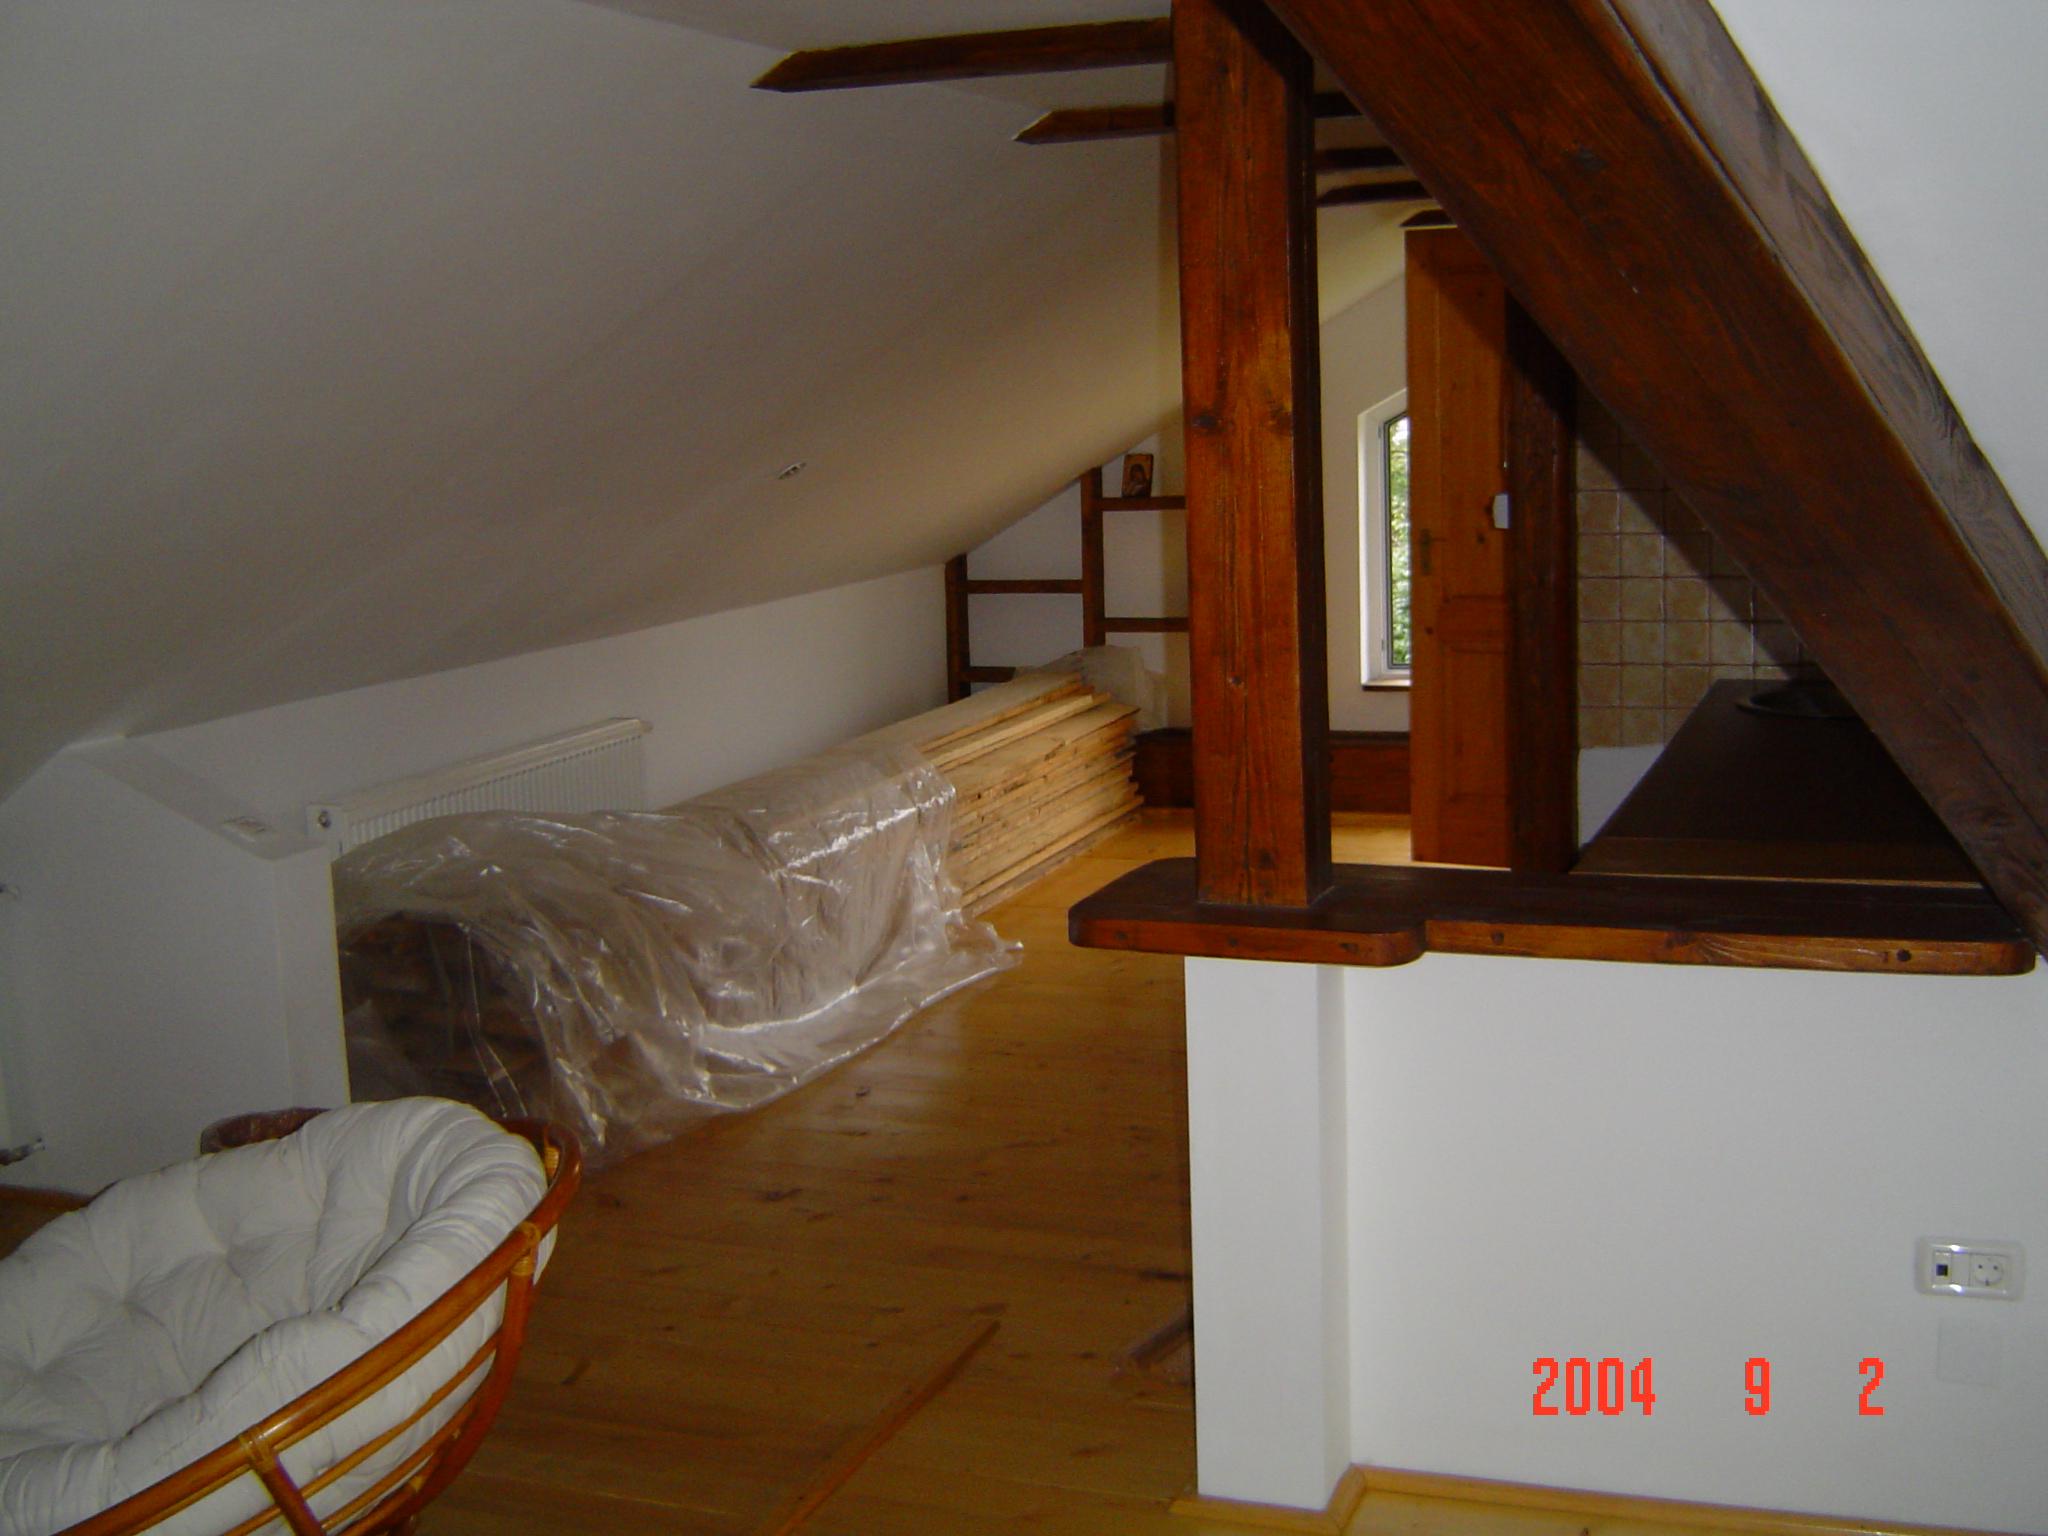 Casa de vacanta - Moeciu de Jos  - Poza 11